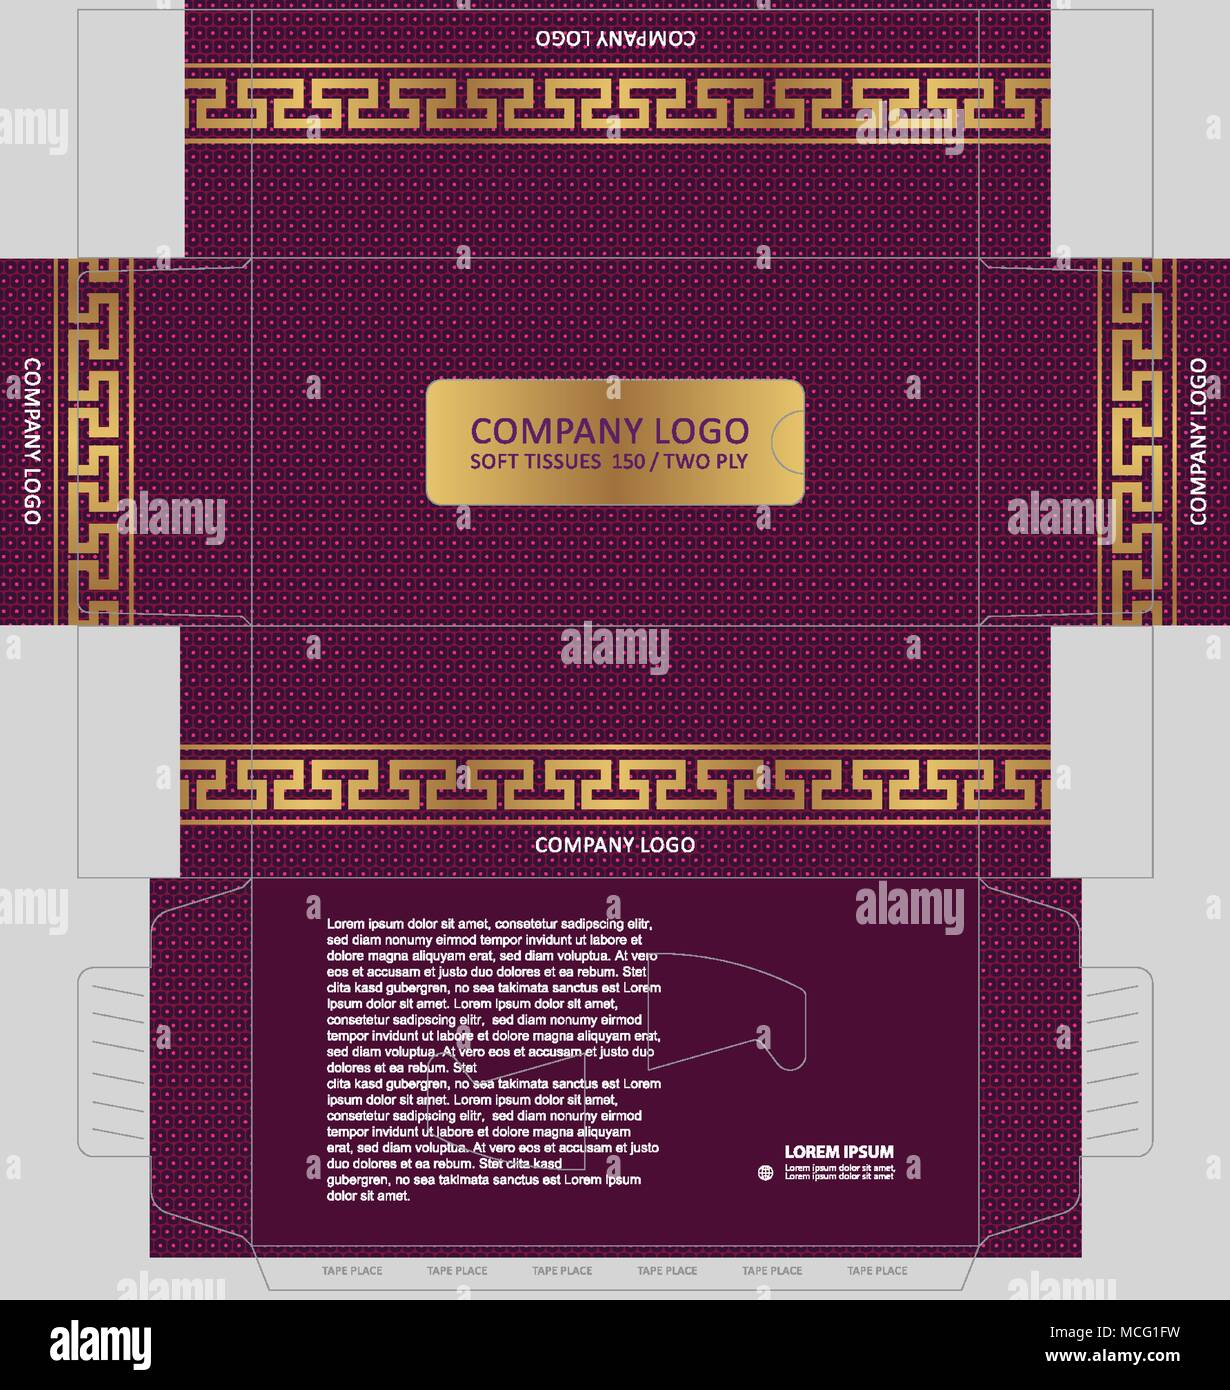 classic golden versace band auf dotierten feld muster tissue box template konzept vorlage fr geschftliche zwecke platzieren sie ihre texte und logos - Versace Muster